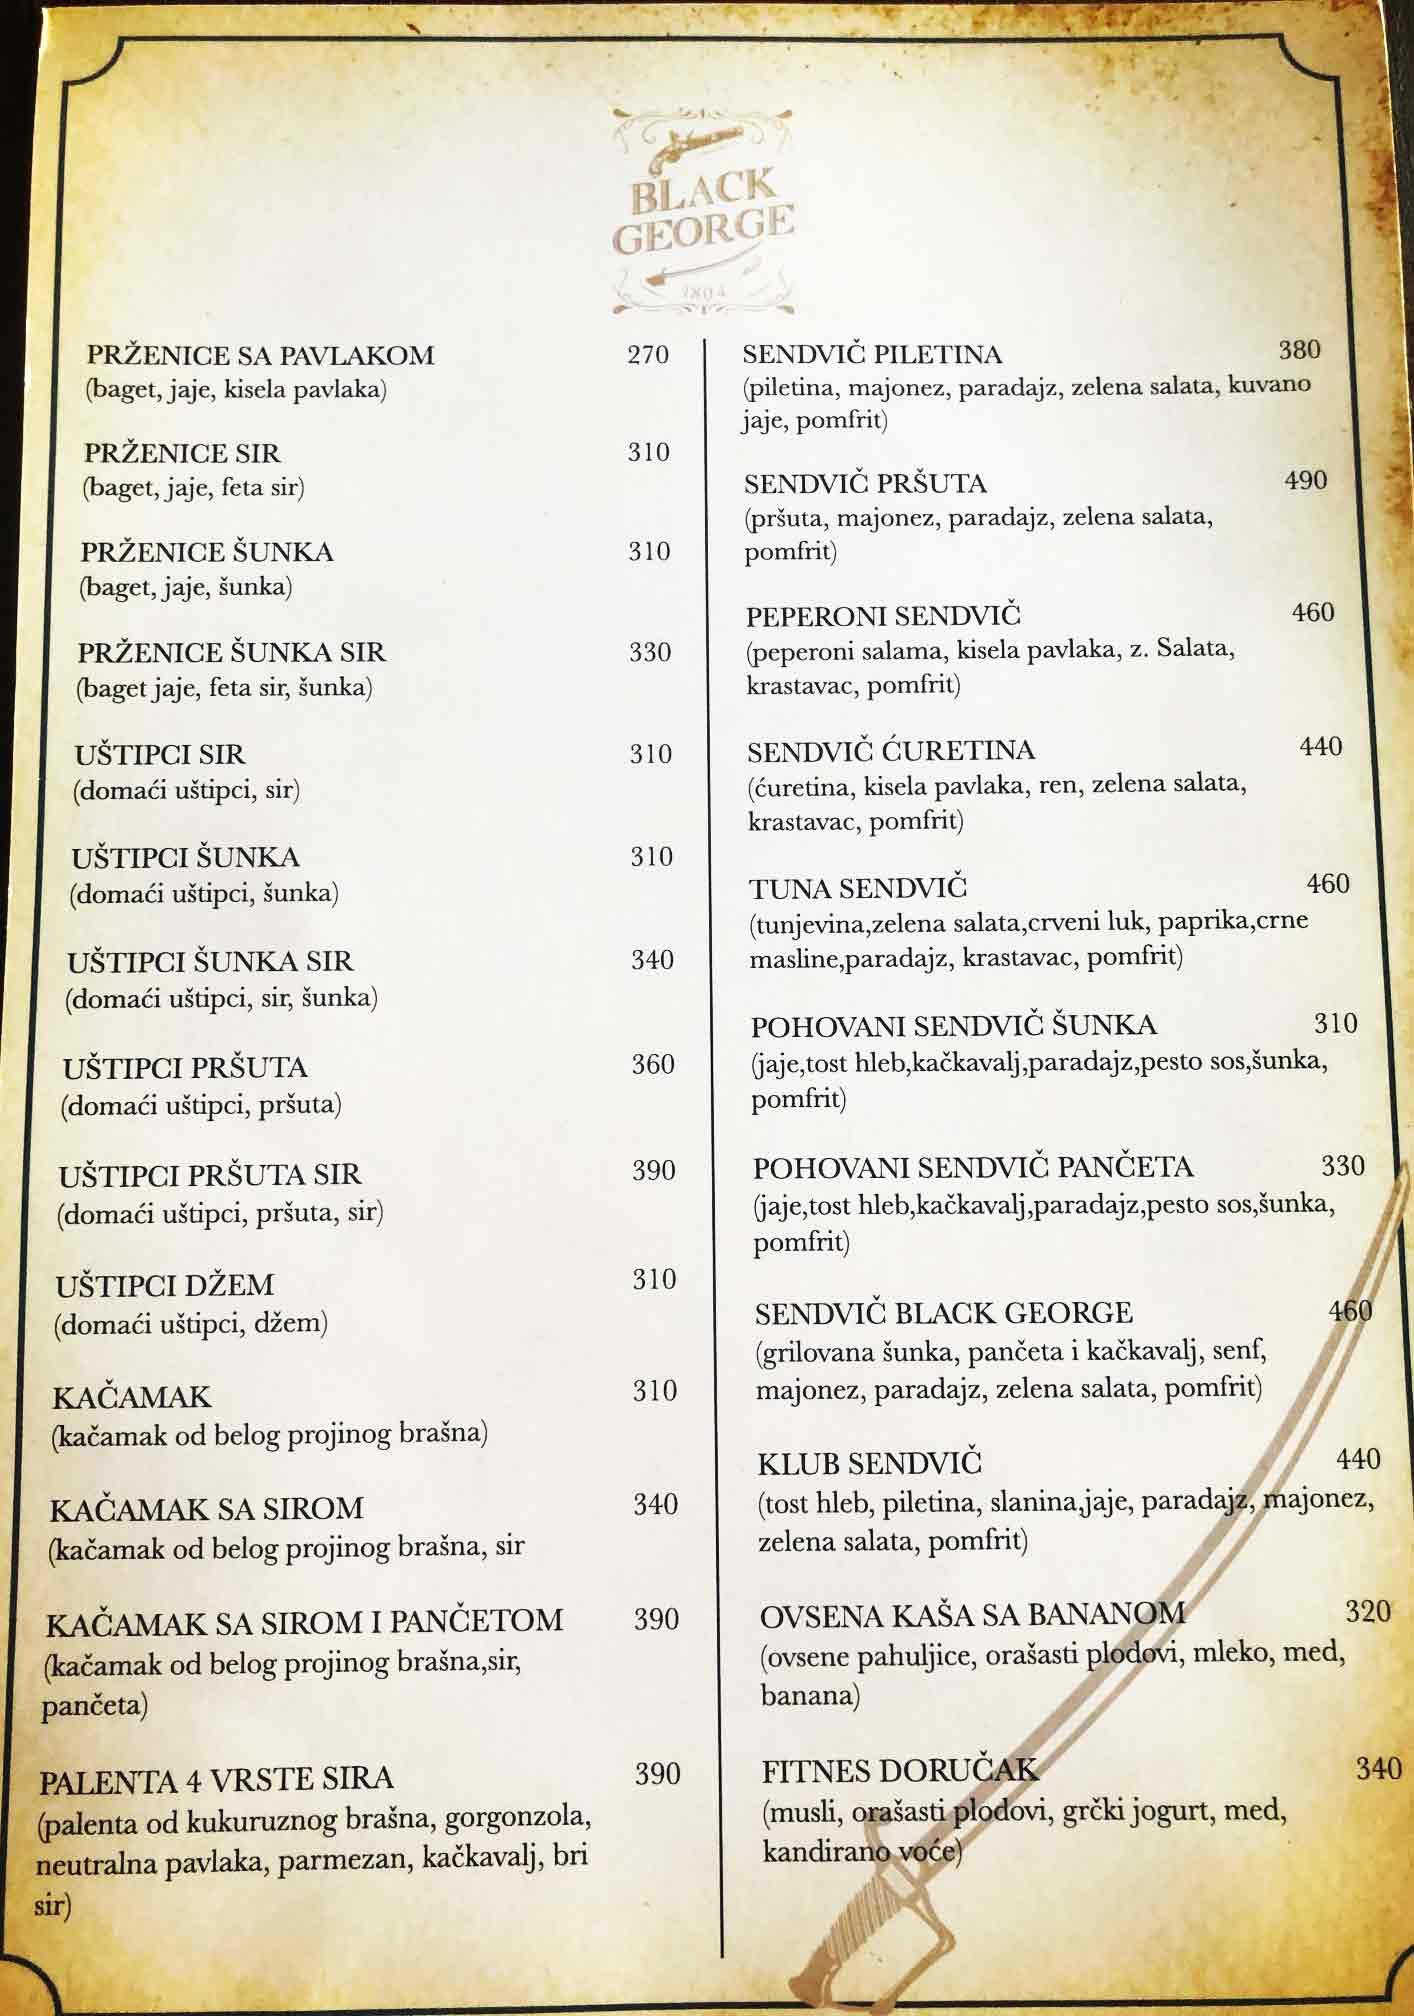 restoran black george cenovnik dorucak